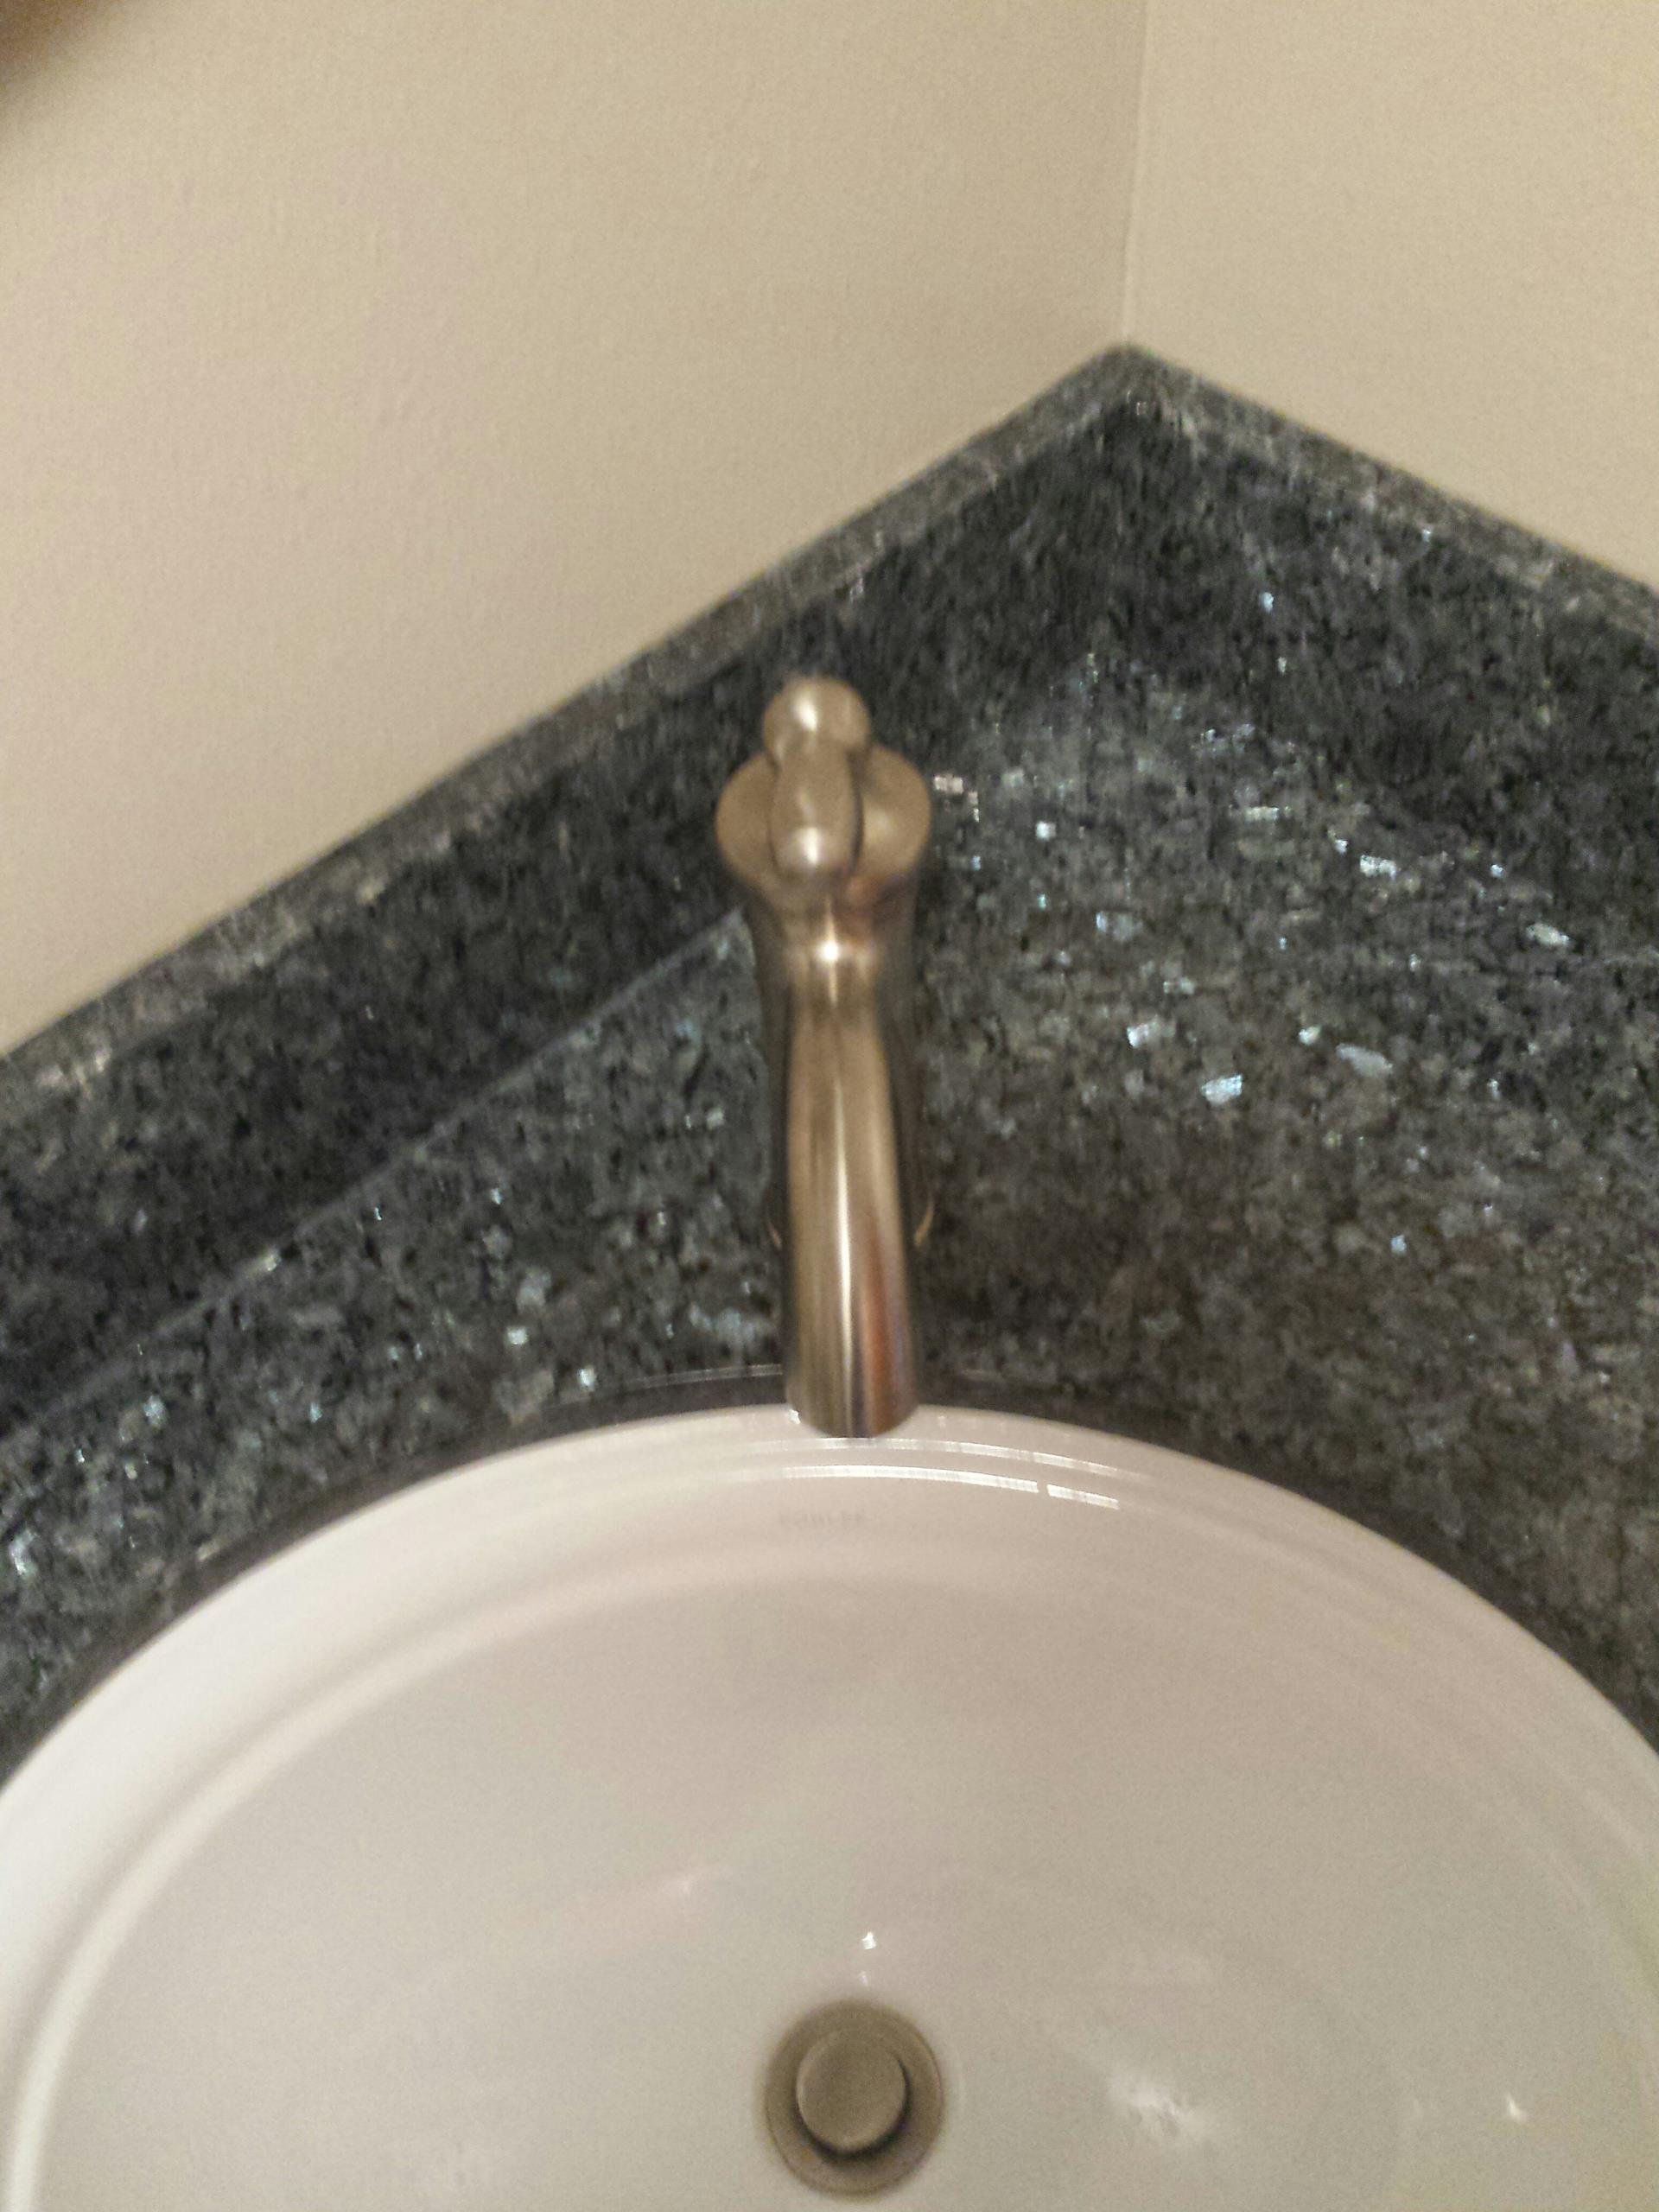 Salt Lake City, UT - Toilet repair and faucet repair.